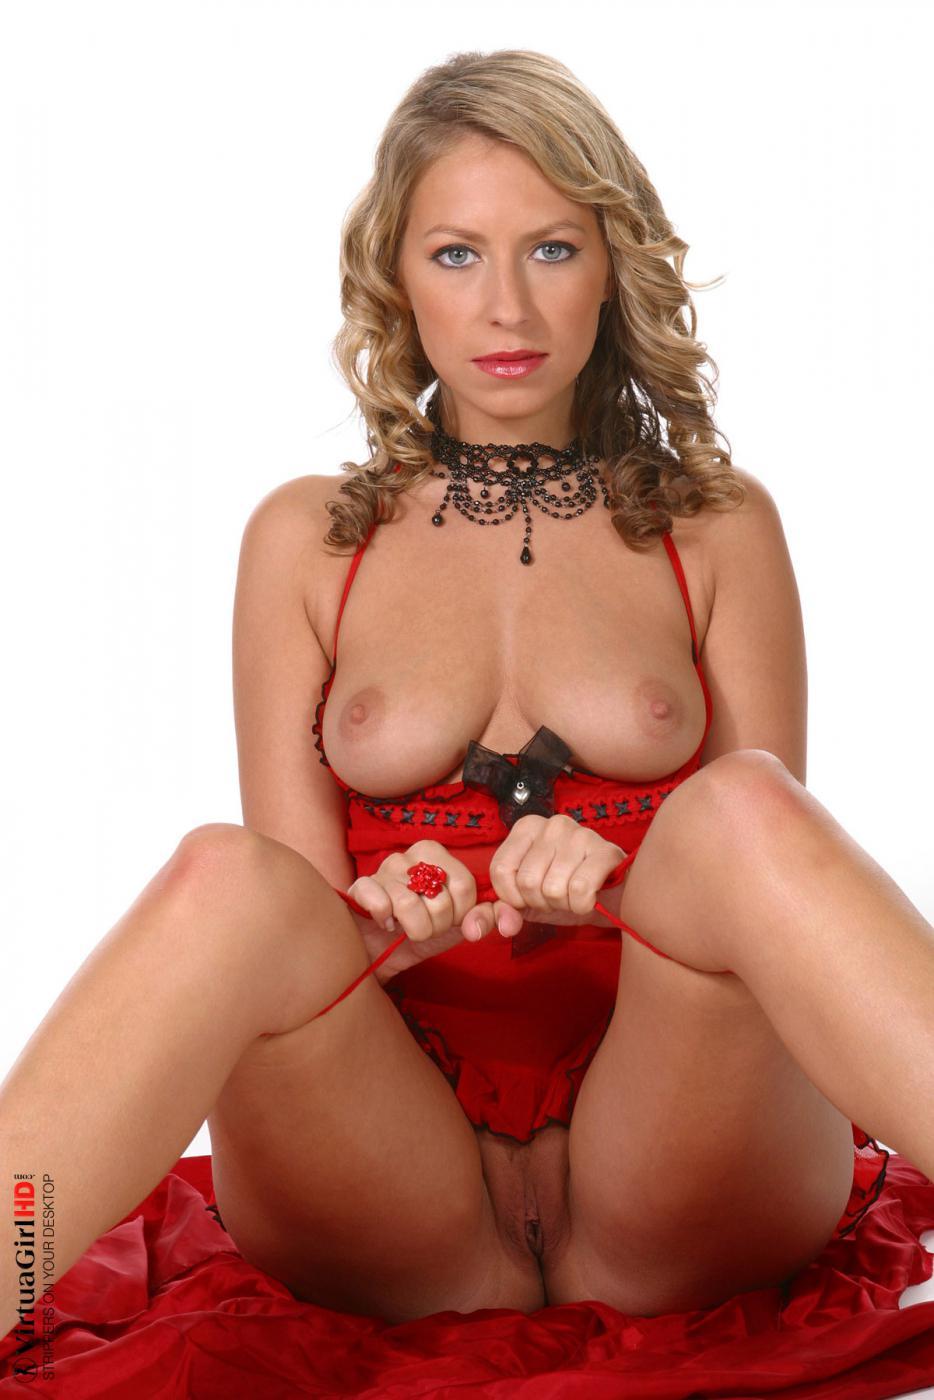 Красный - любимый цвет Monika Schimkova и она чувствует себя комфортно в своем эротичном бельишке